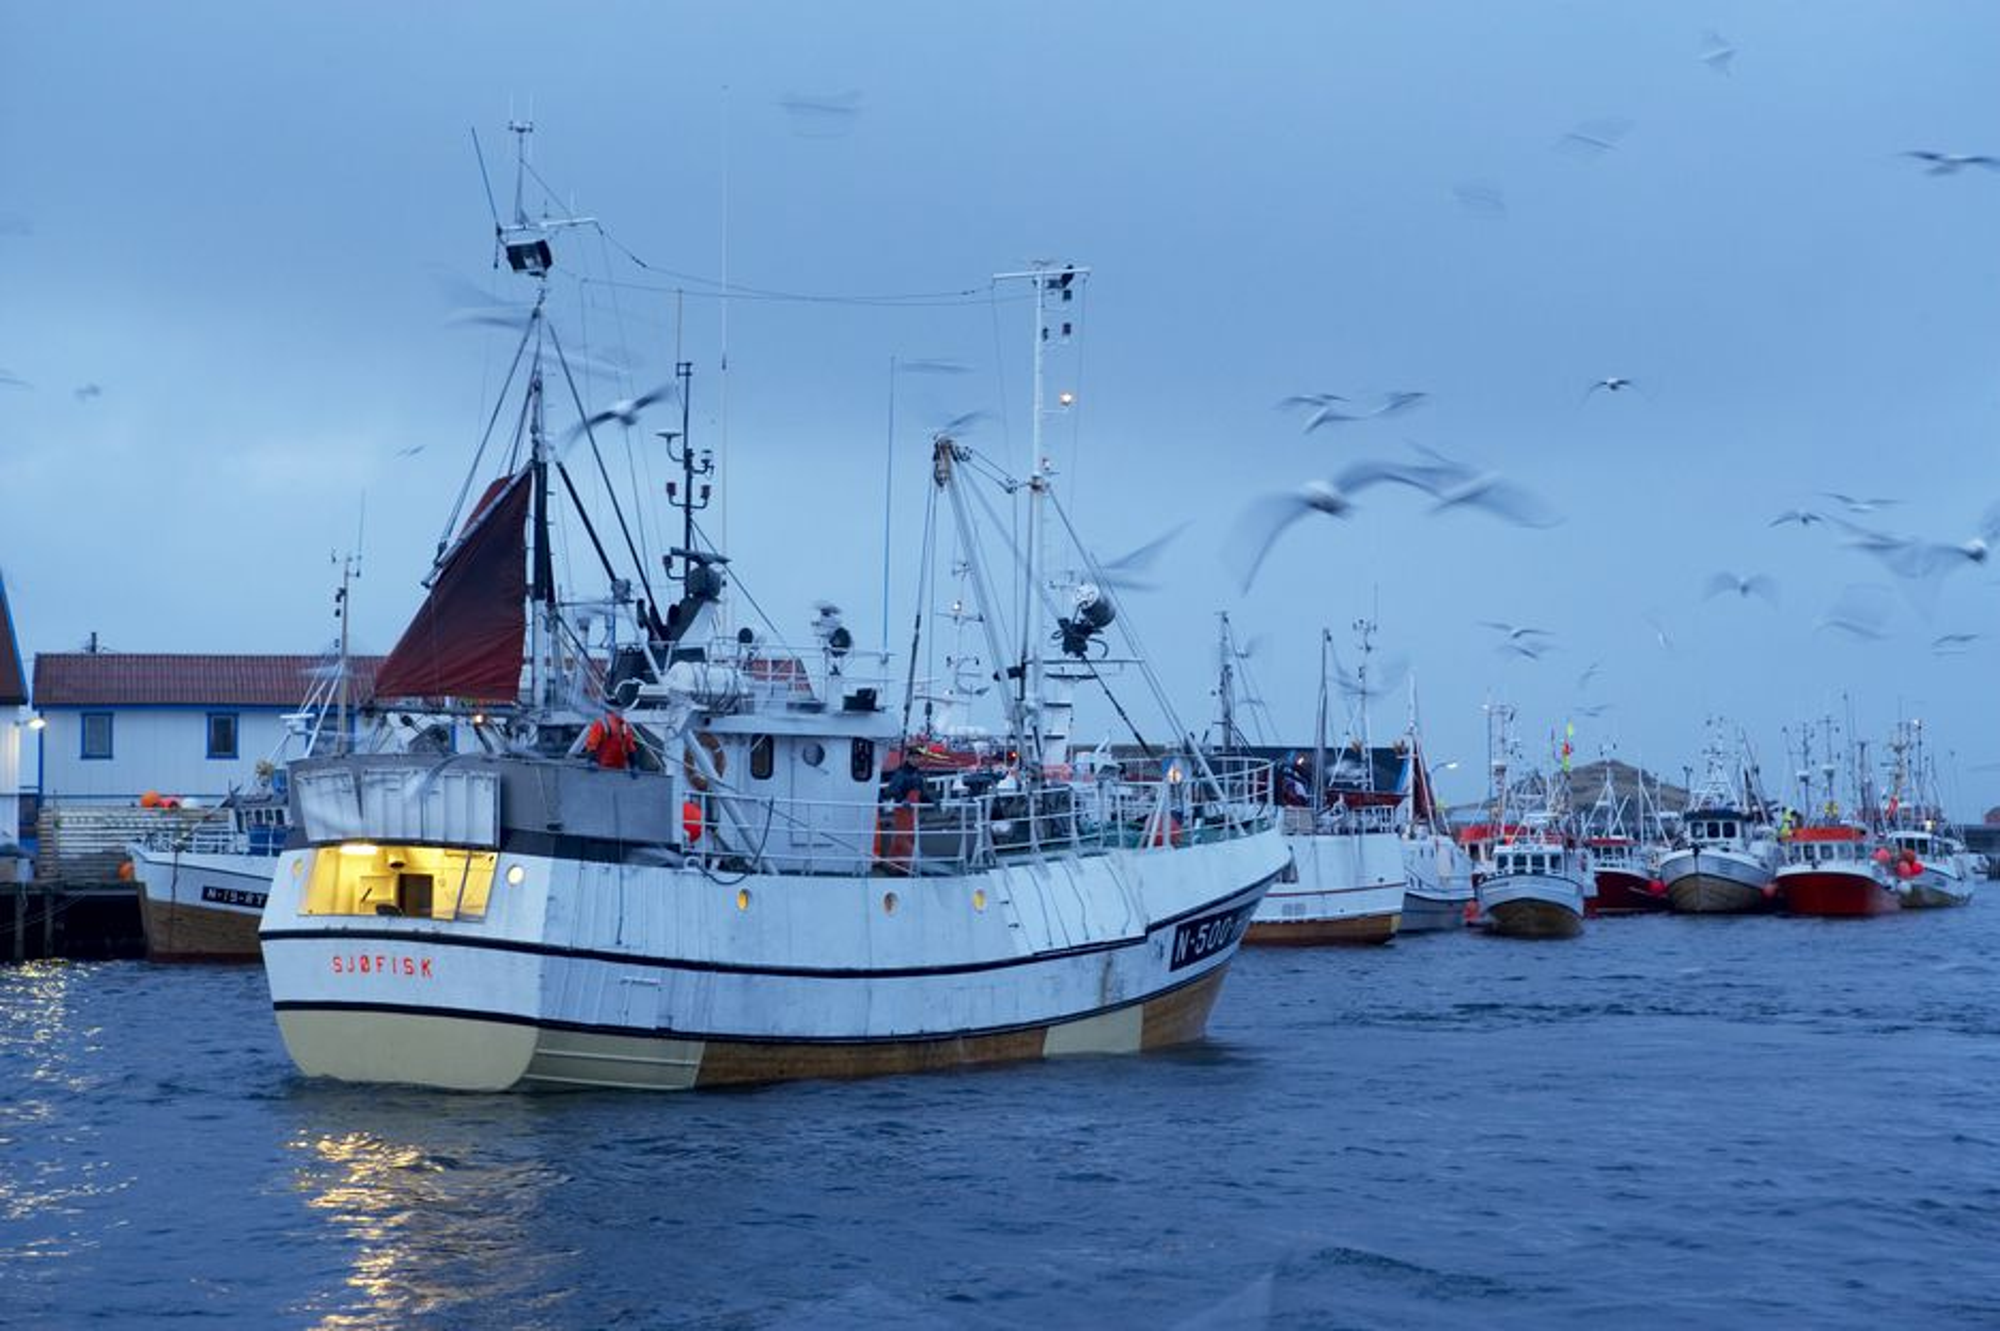 OLF forventer at områdene rundt Lofoten og Vesterålen konsekvensutredes på samme måte som Jan Mayen.